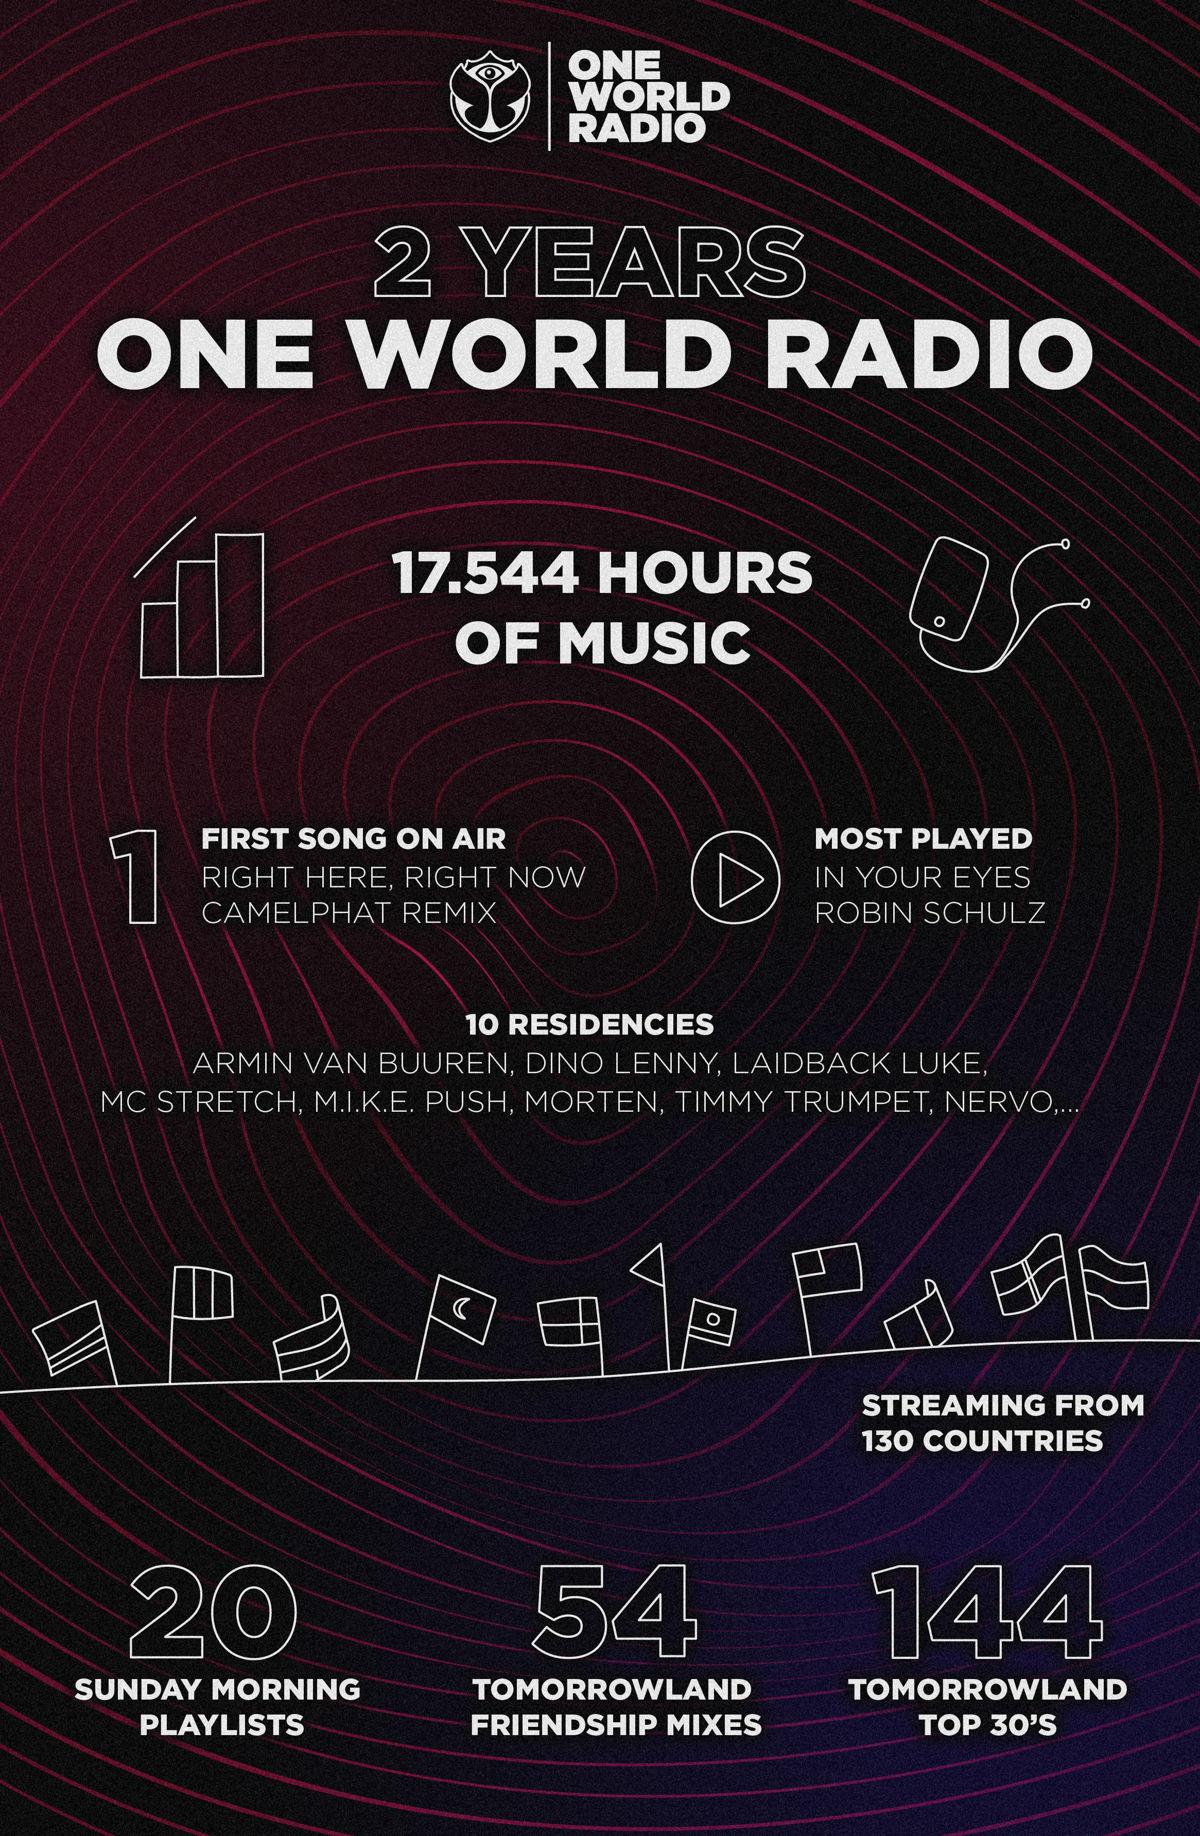 2 Years One World Radio